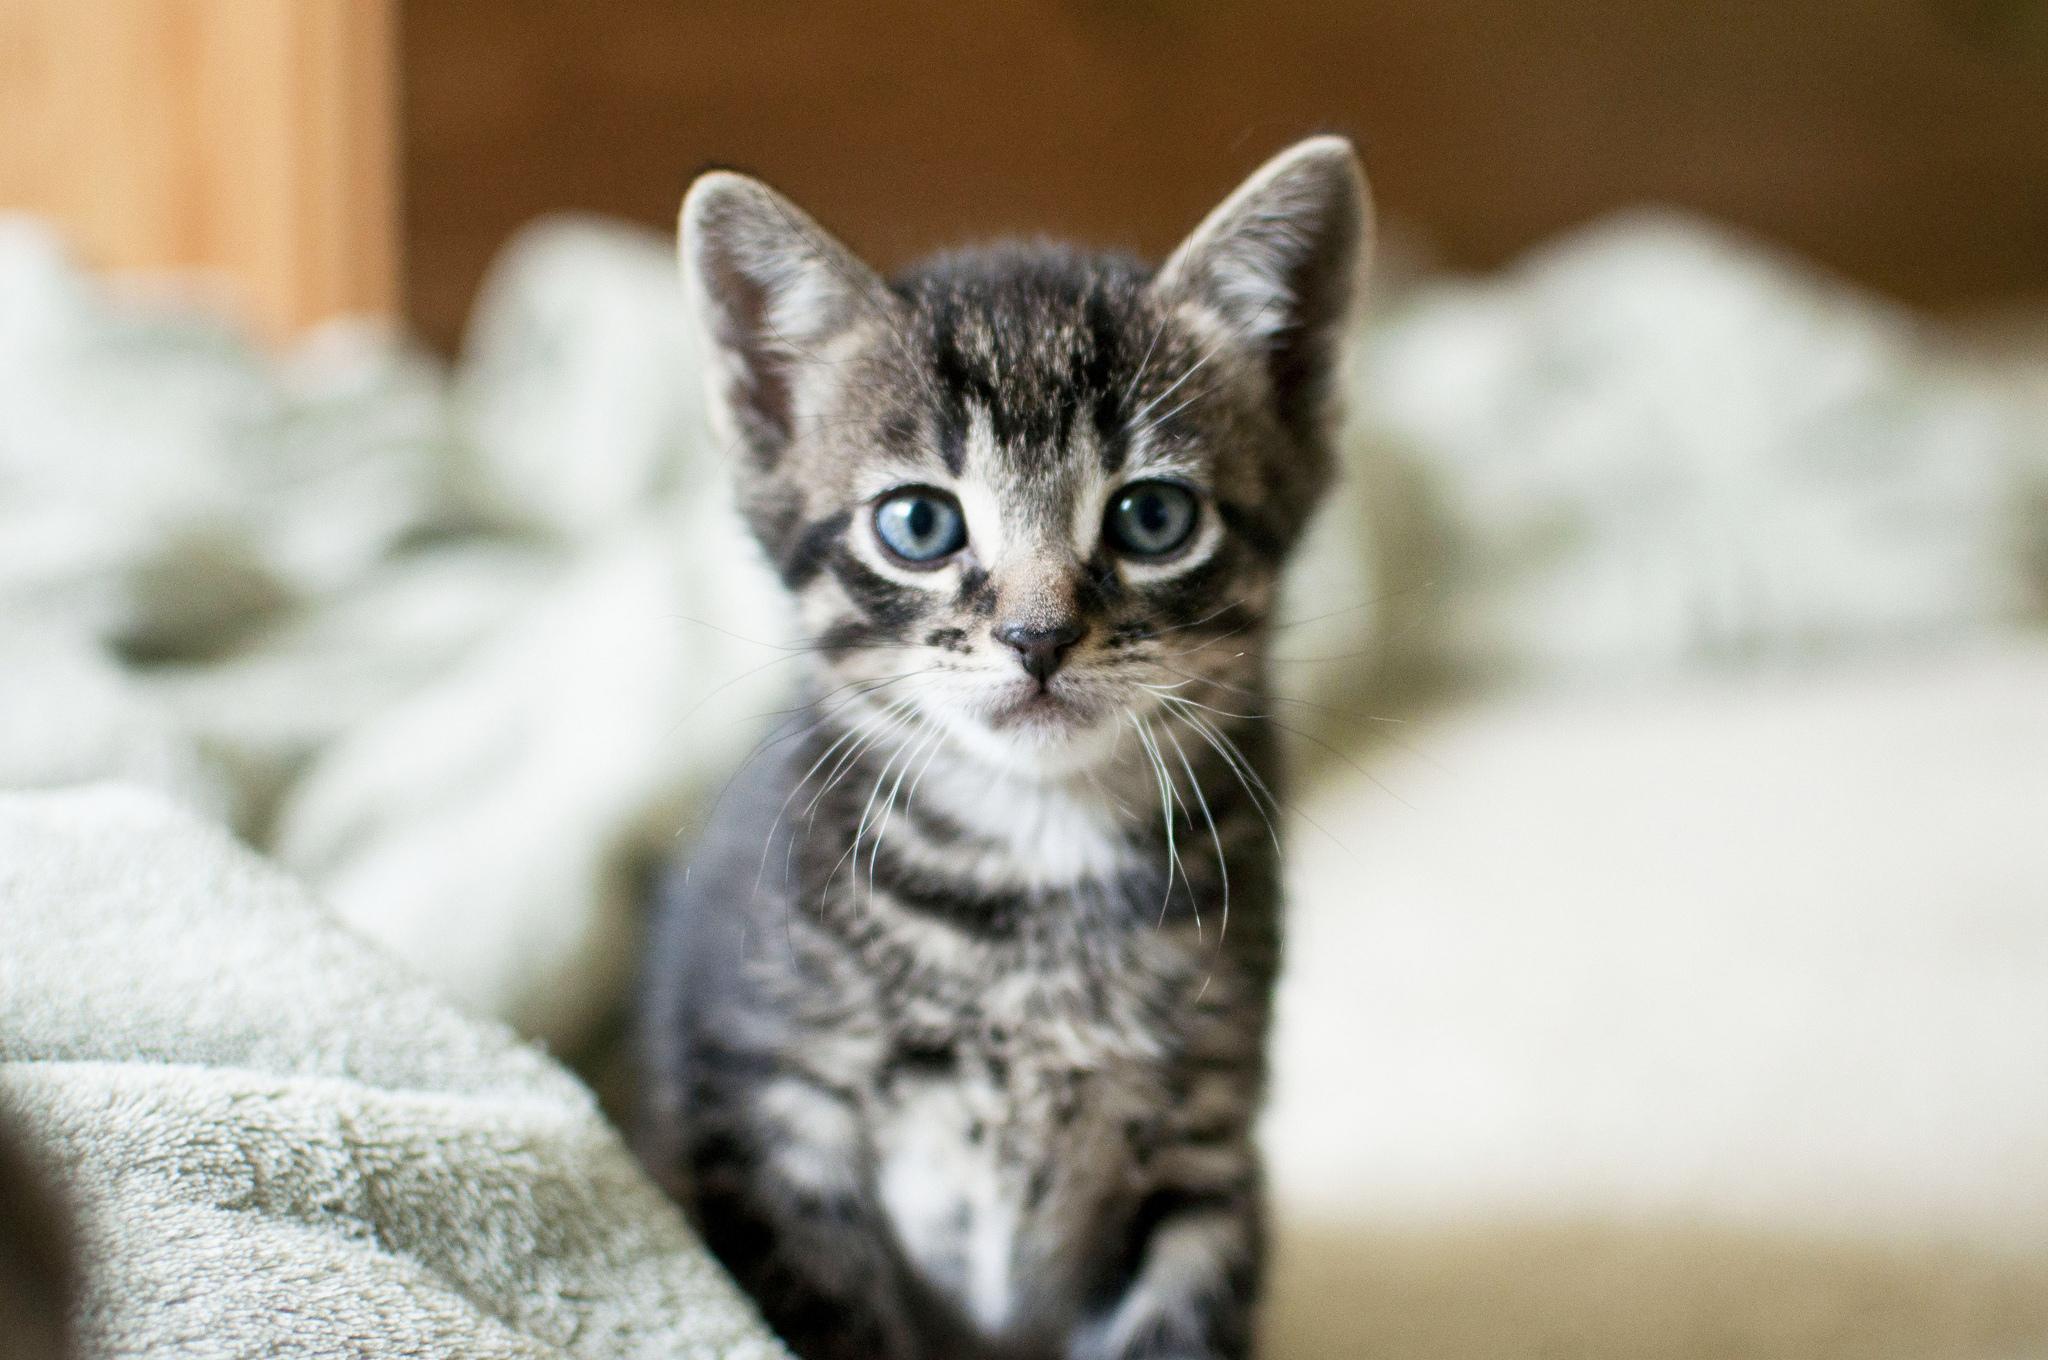 котенок дымчатый kitten smoky  № 2344502 загрузить